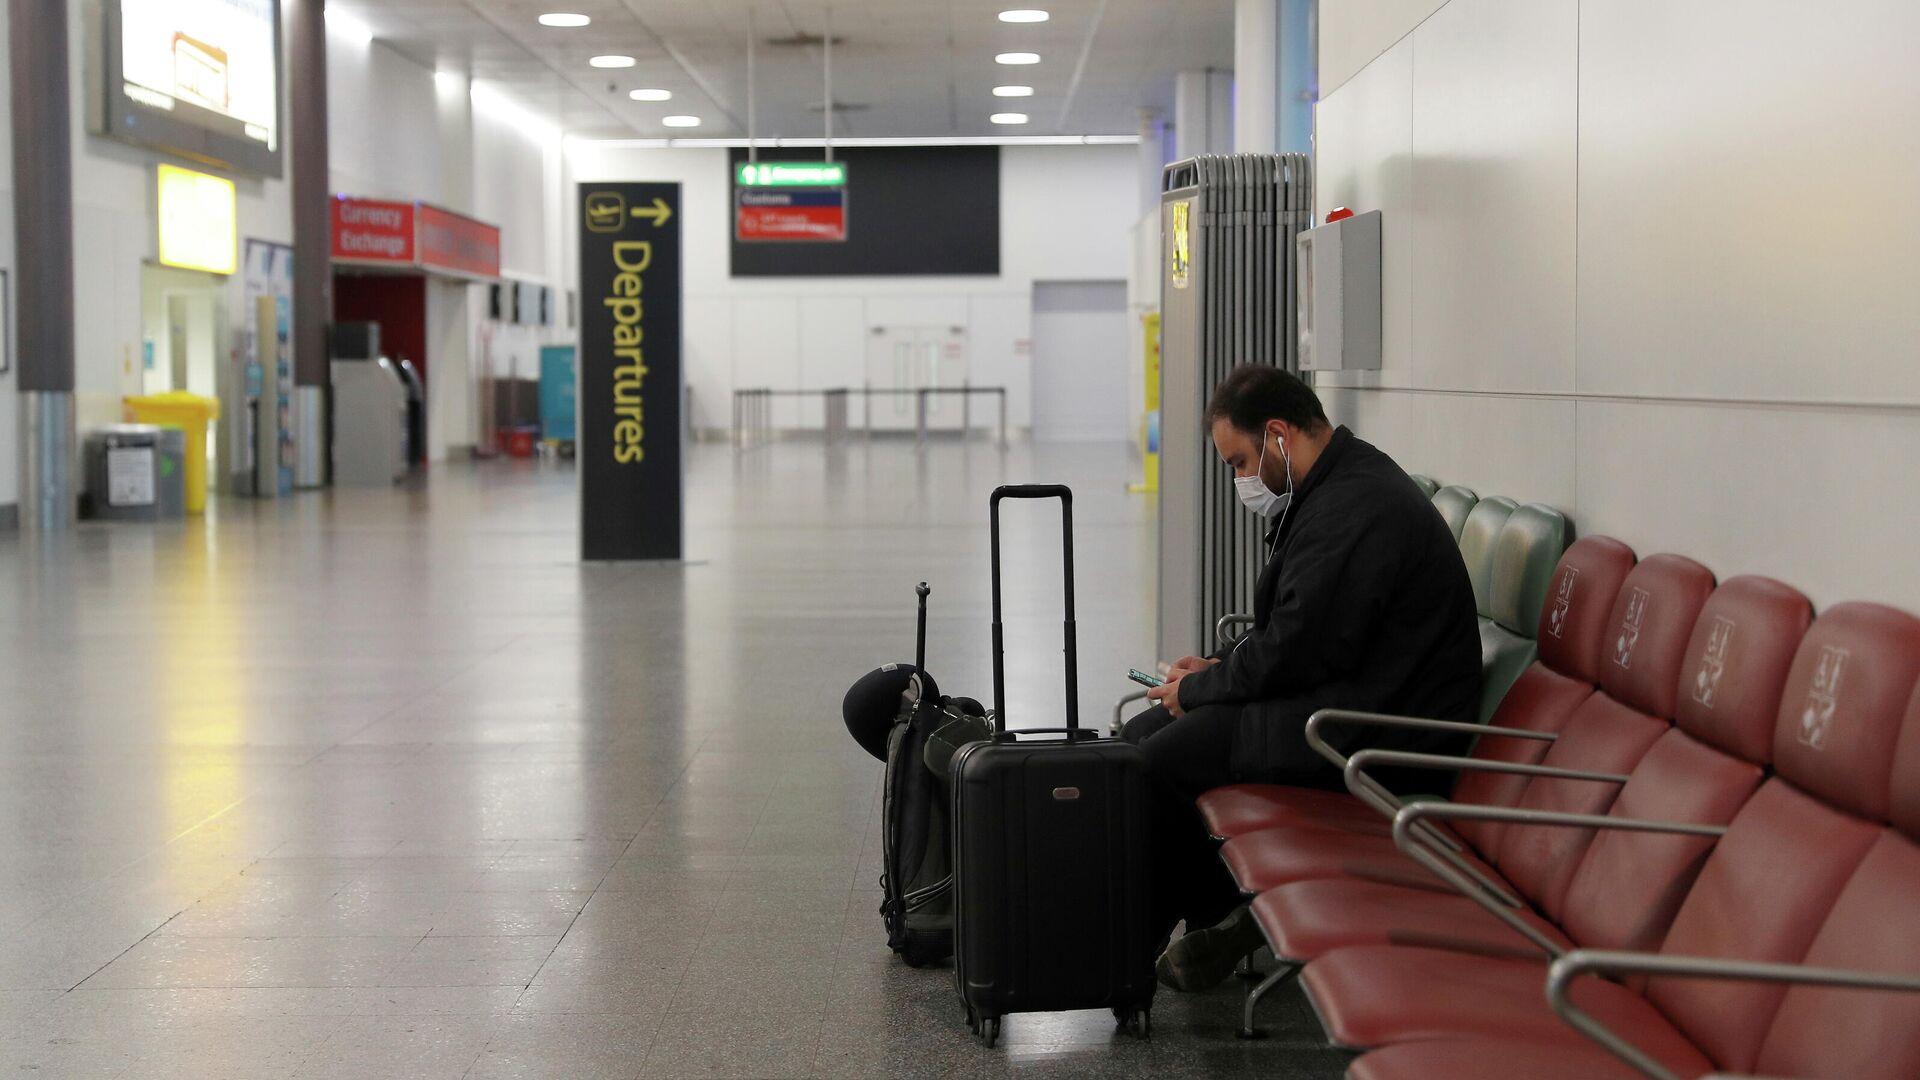 Пассажир в аэропорту Гатвик, Лондон - РИА Новости, 1920, 21.12.2020